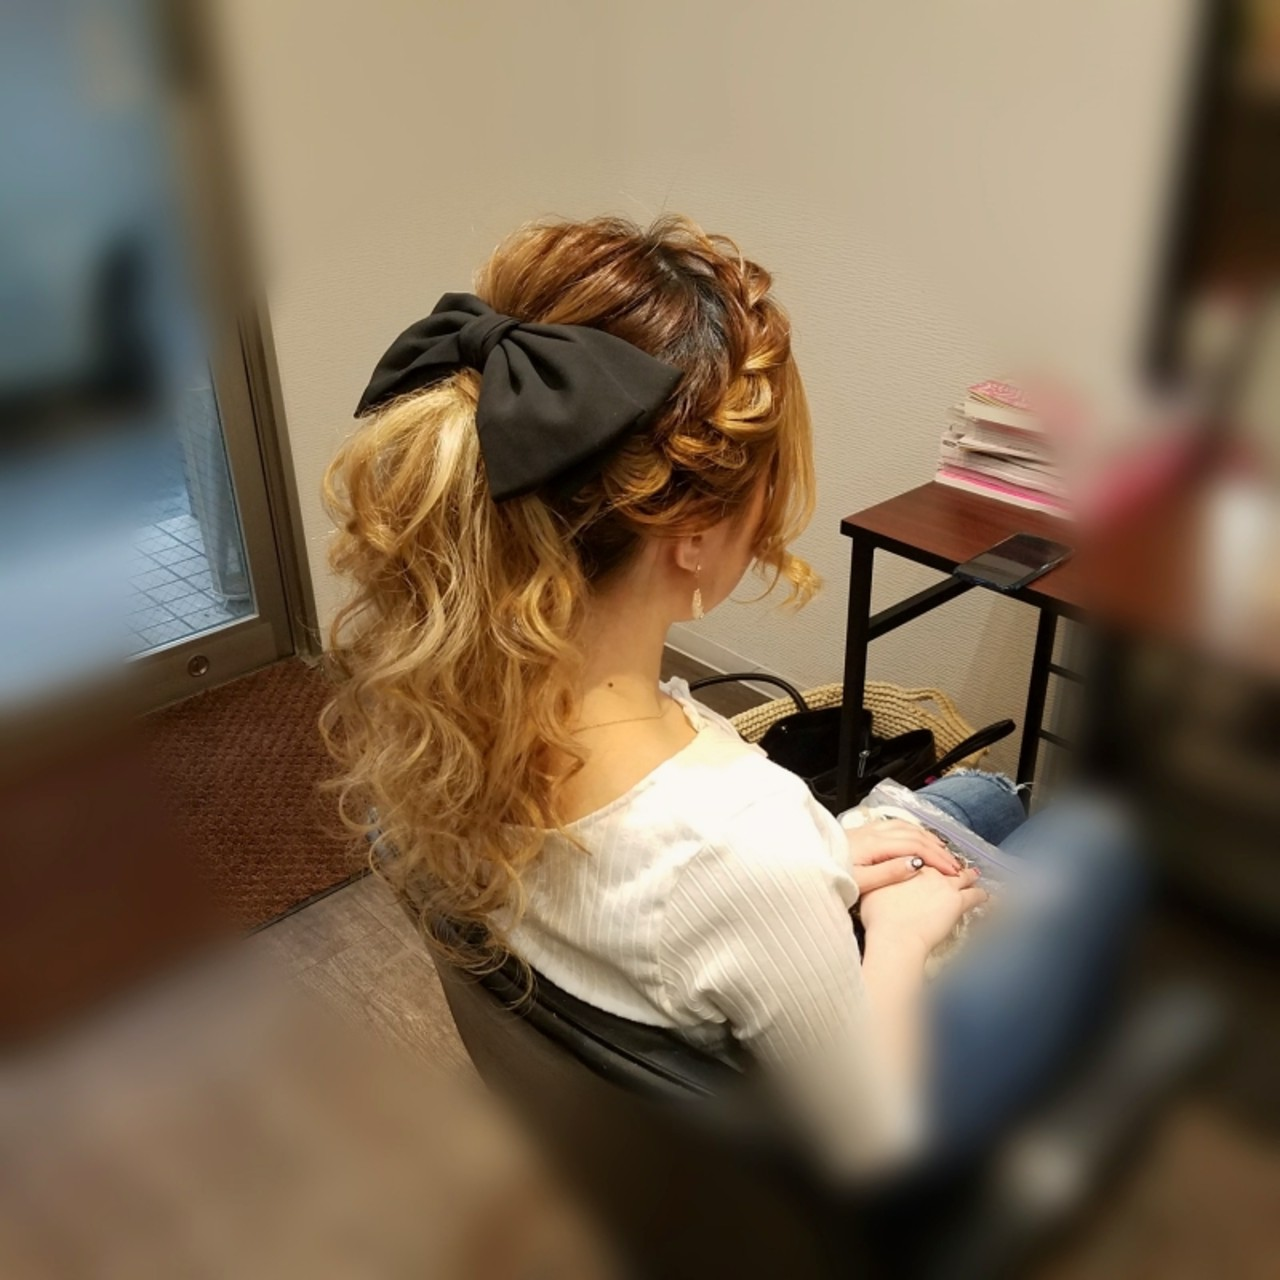 ロング ヘアアレンジ 編み込み ポニーテール ヘアスタイルや髪型の写真・画像 | mai / HAIR SALON STELLA